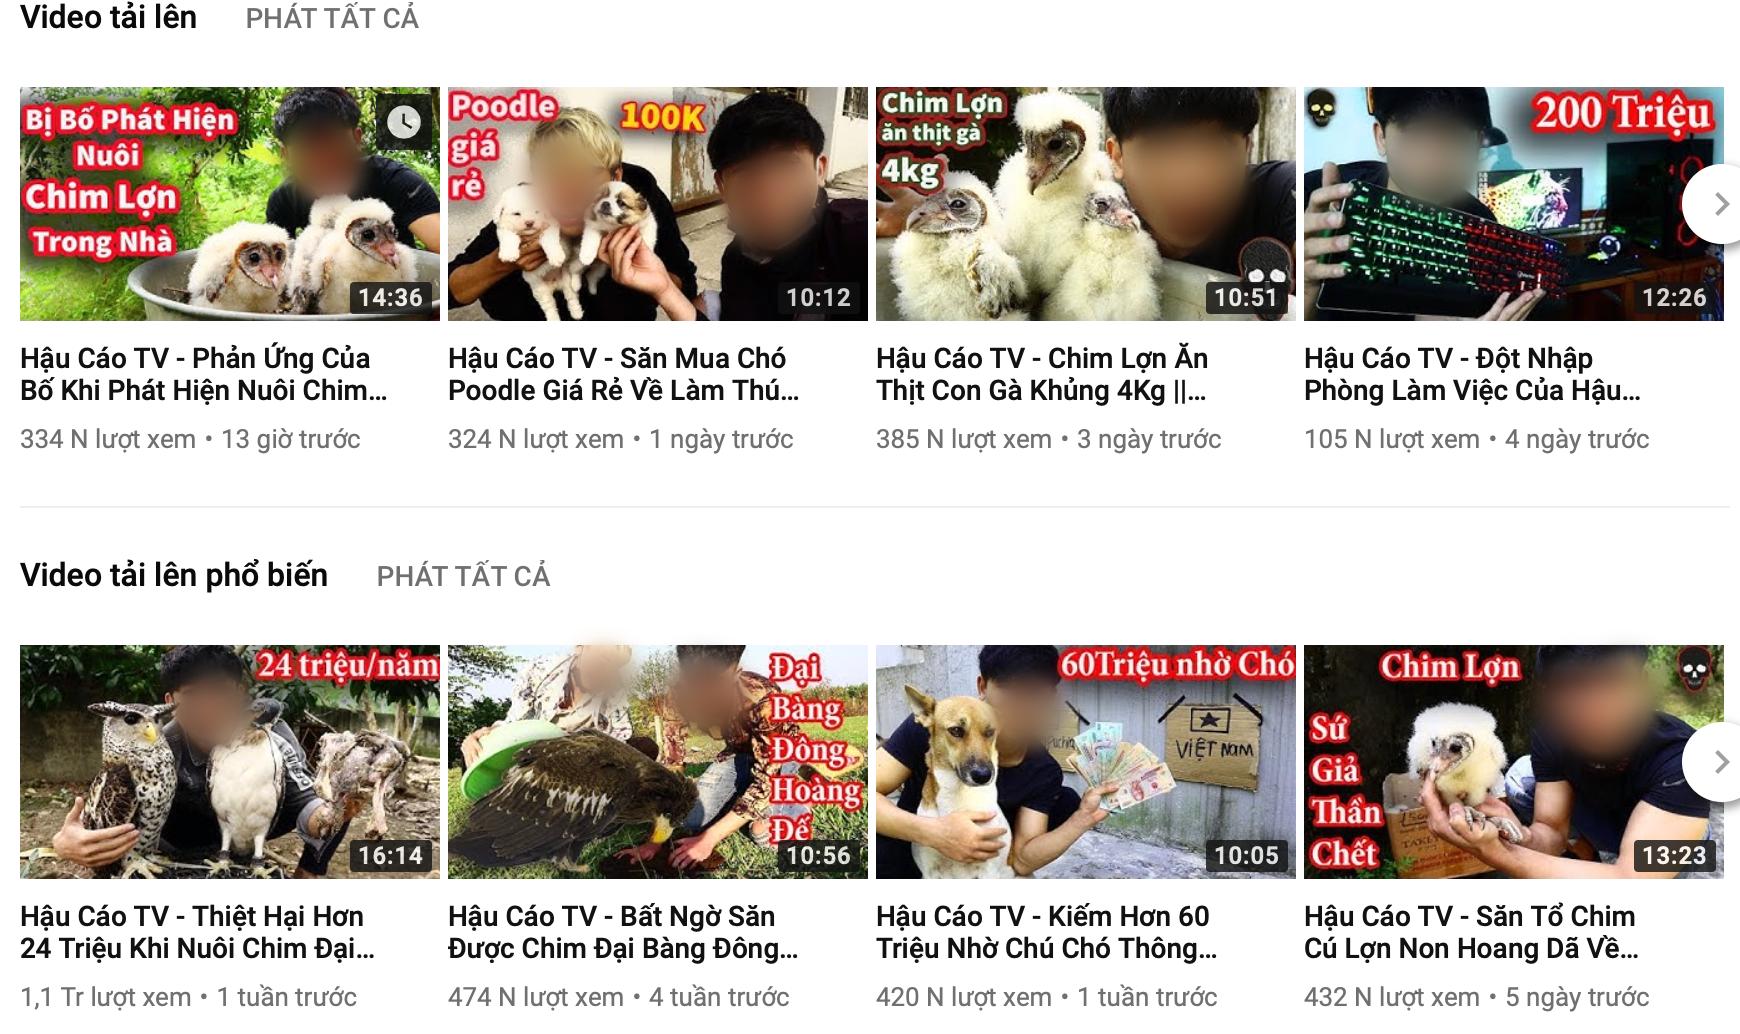 """Cộng đồng mạng kêu gọi """"tẩy chay"""" kênh youtube đào xác mèo rồi hả hê nướng thịt ăn - Ảnh 1"""